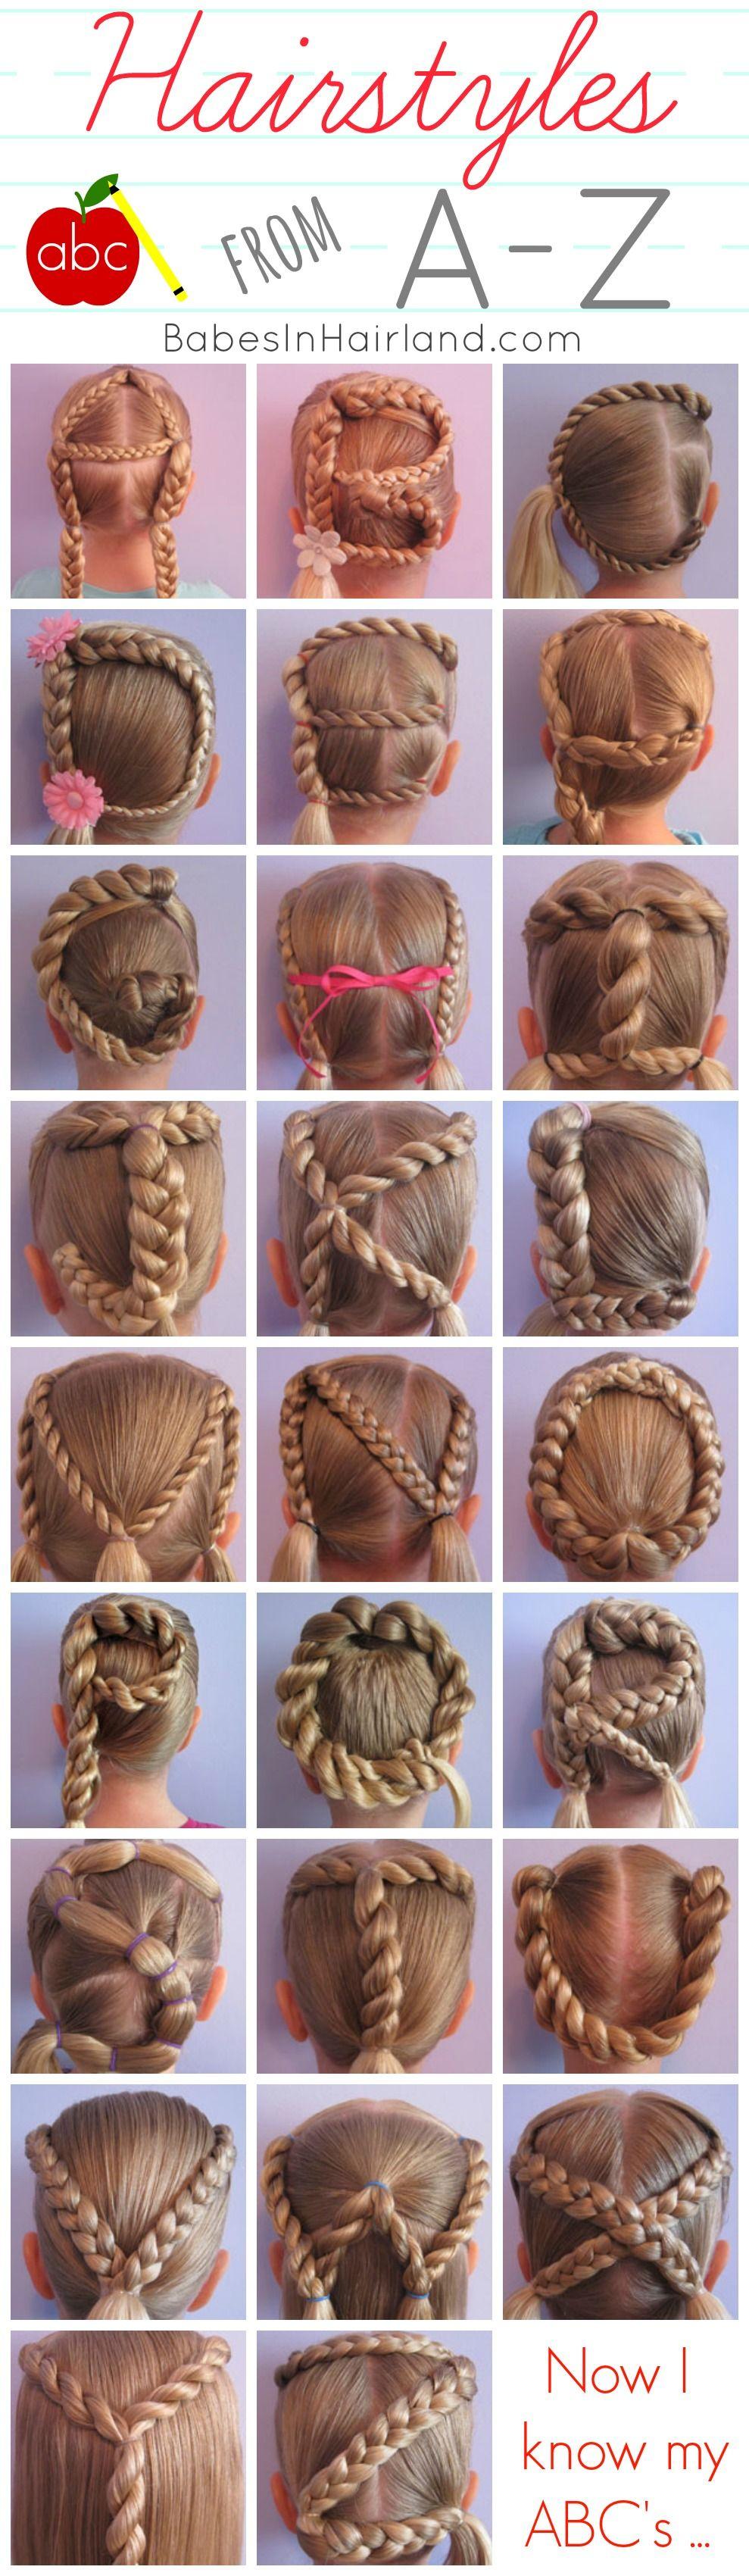 20 Fancy Little Girl Braids Hairstyle